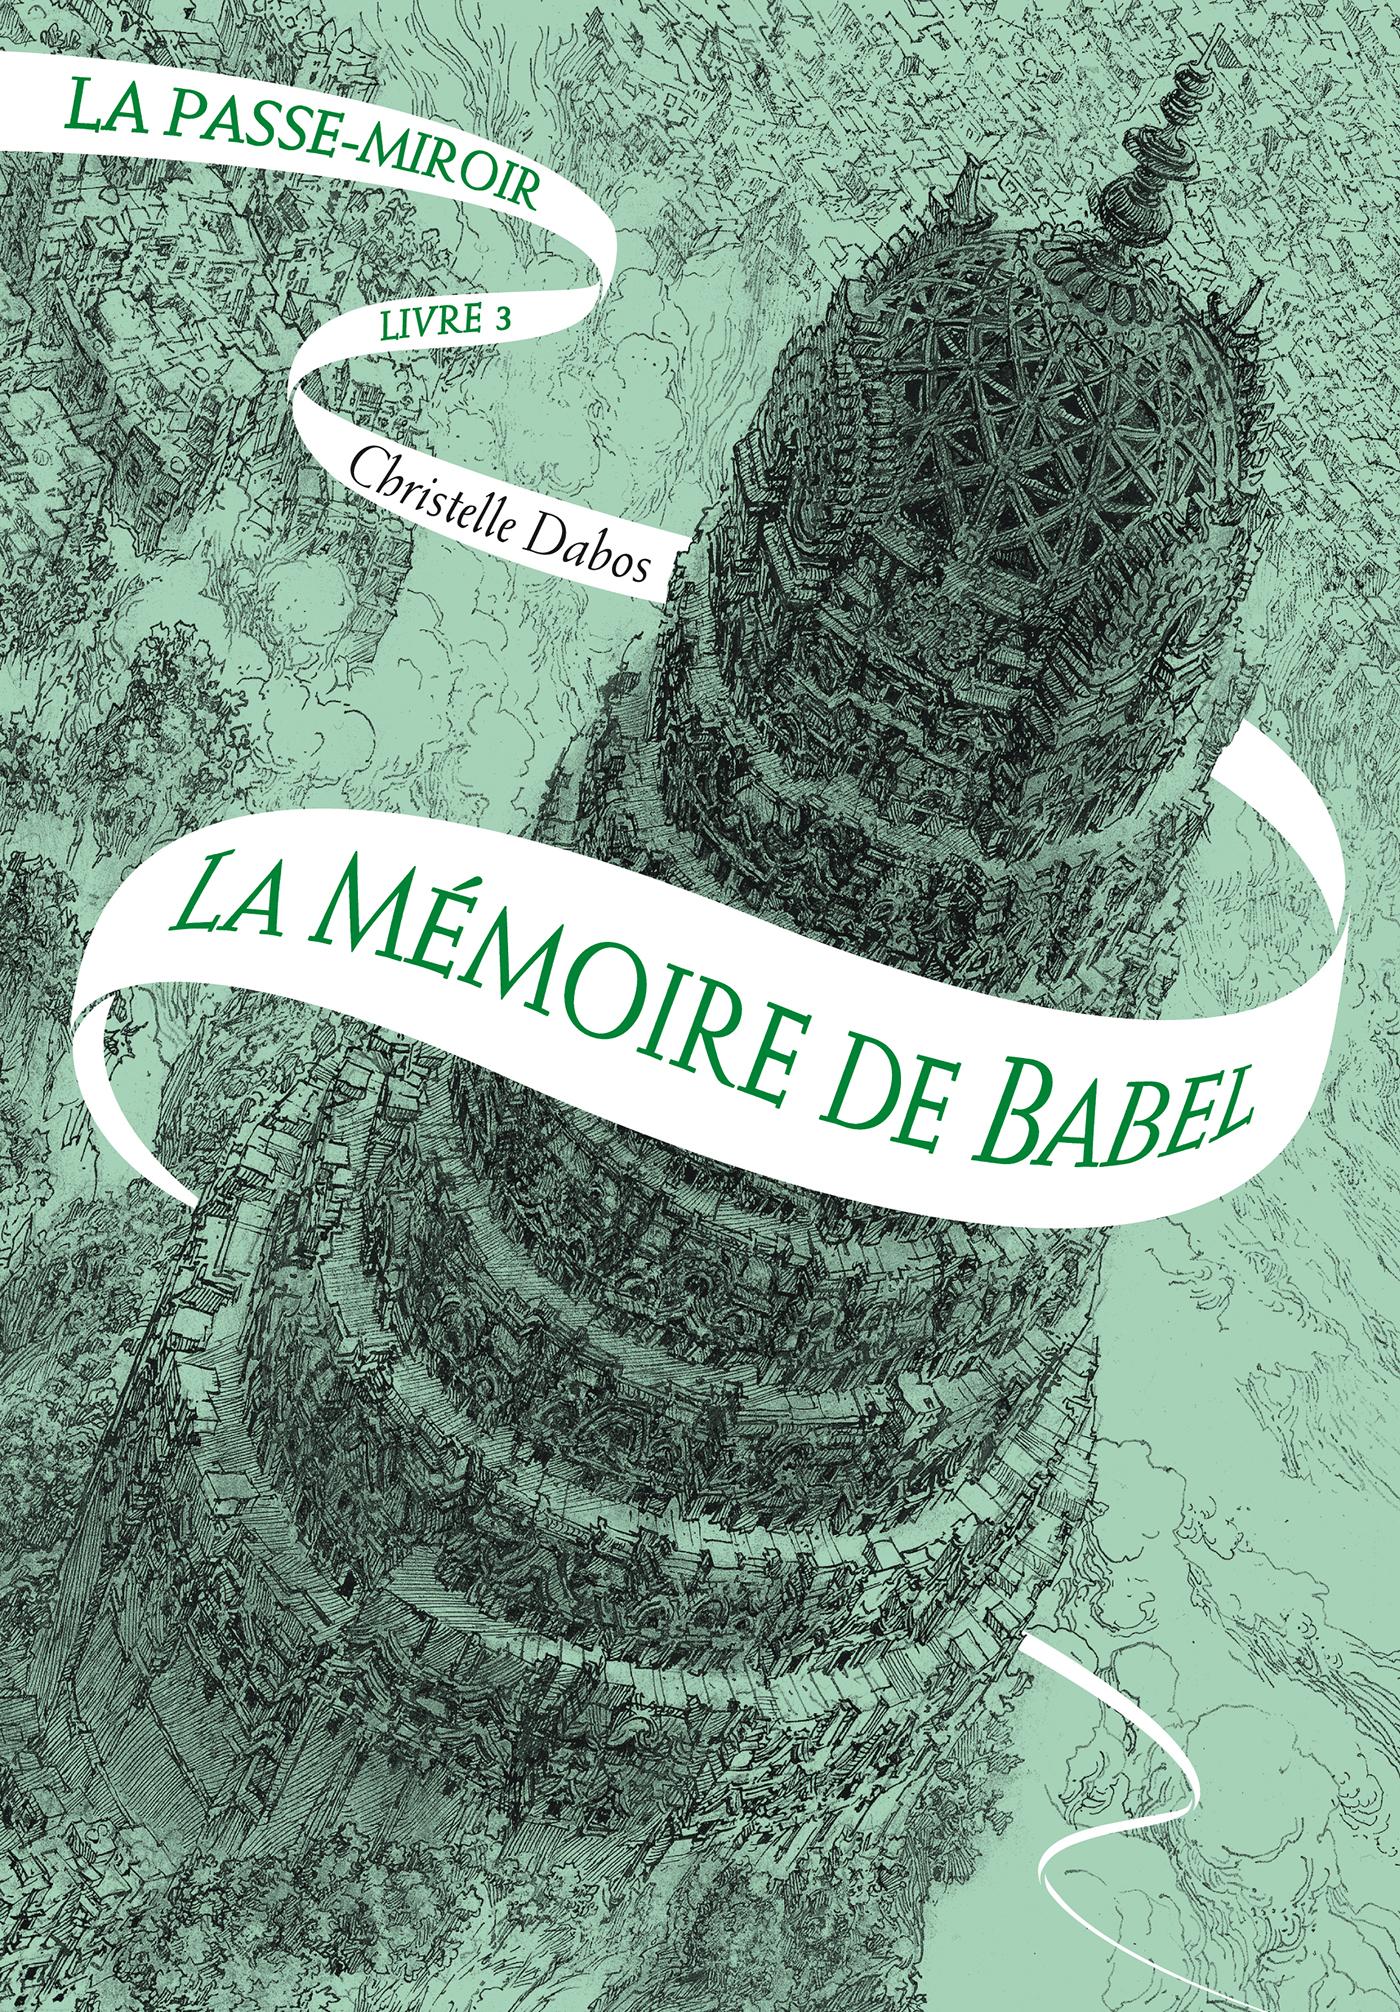 La Passe-miroir (Livre 3) - La Mémoire de Babel | Dabos, Christelle